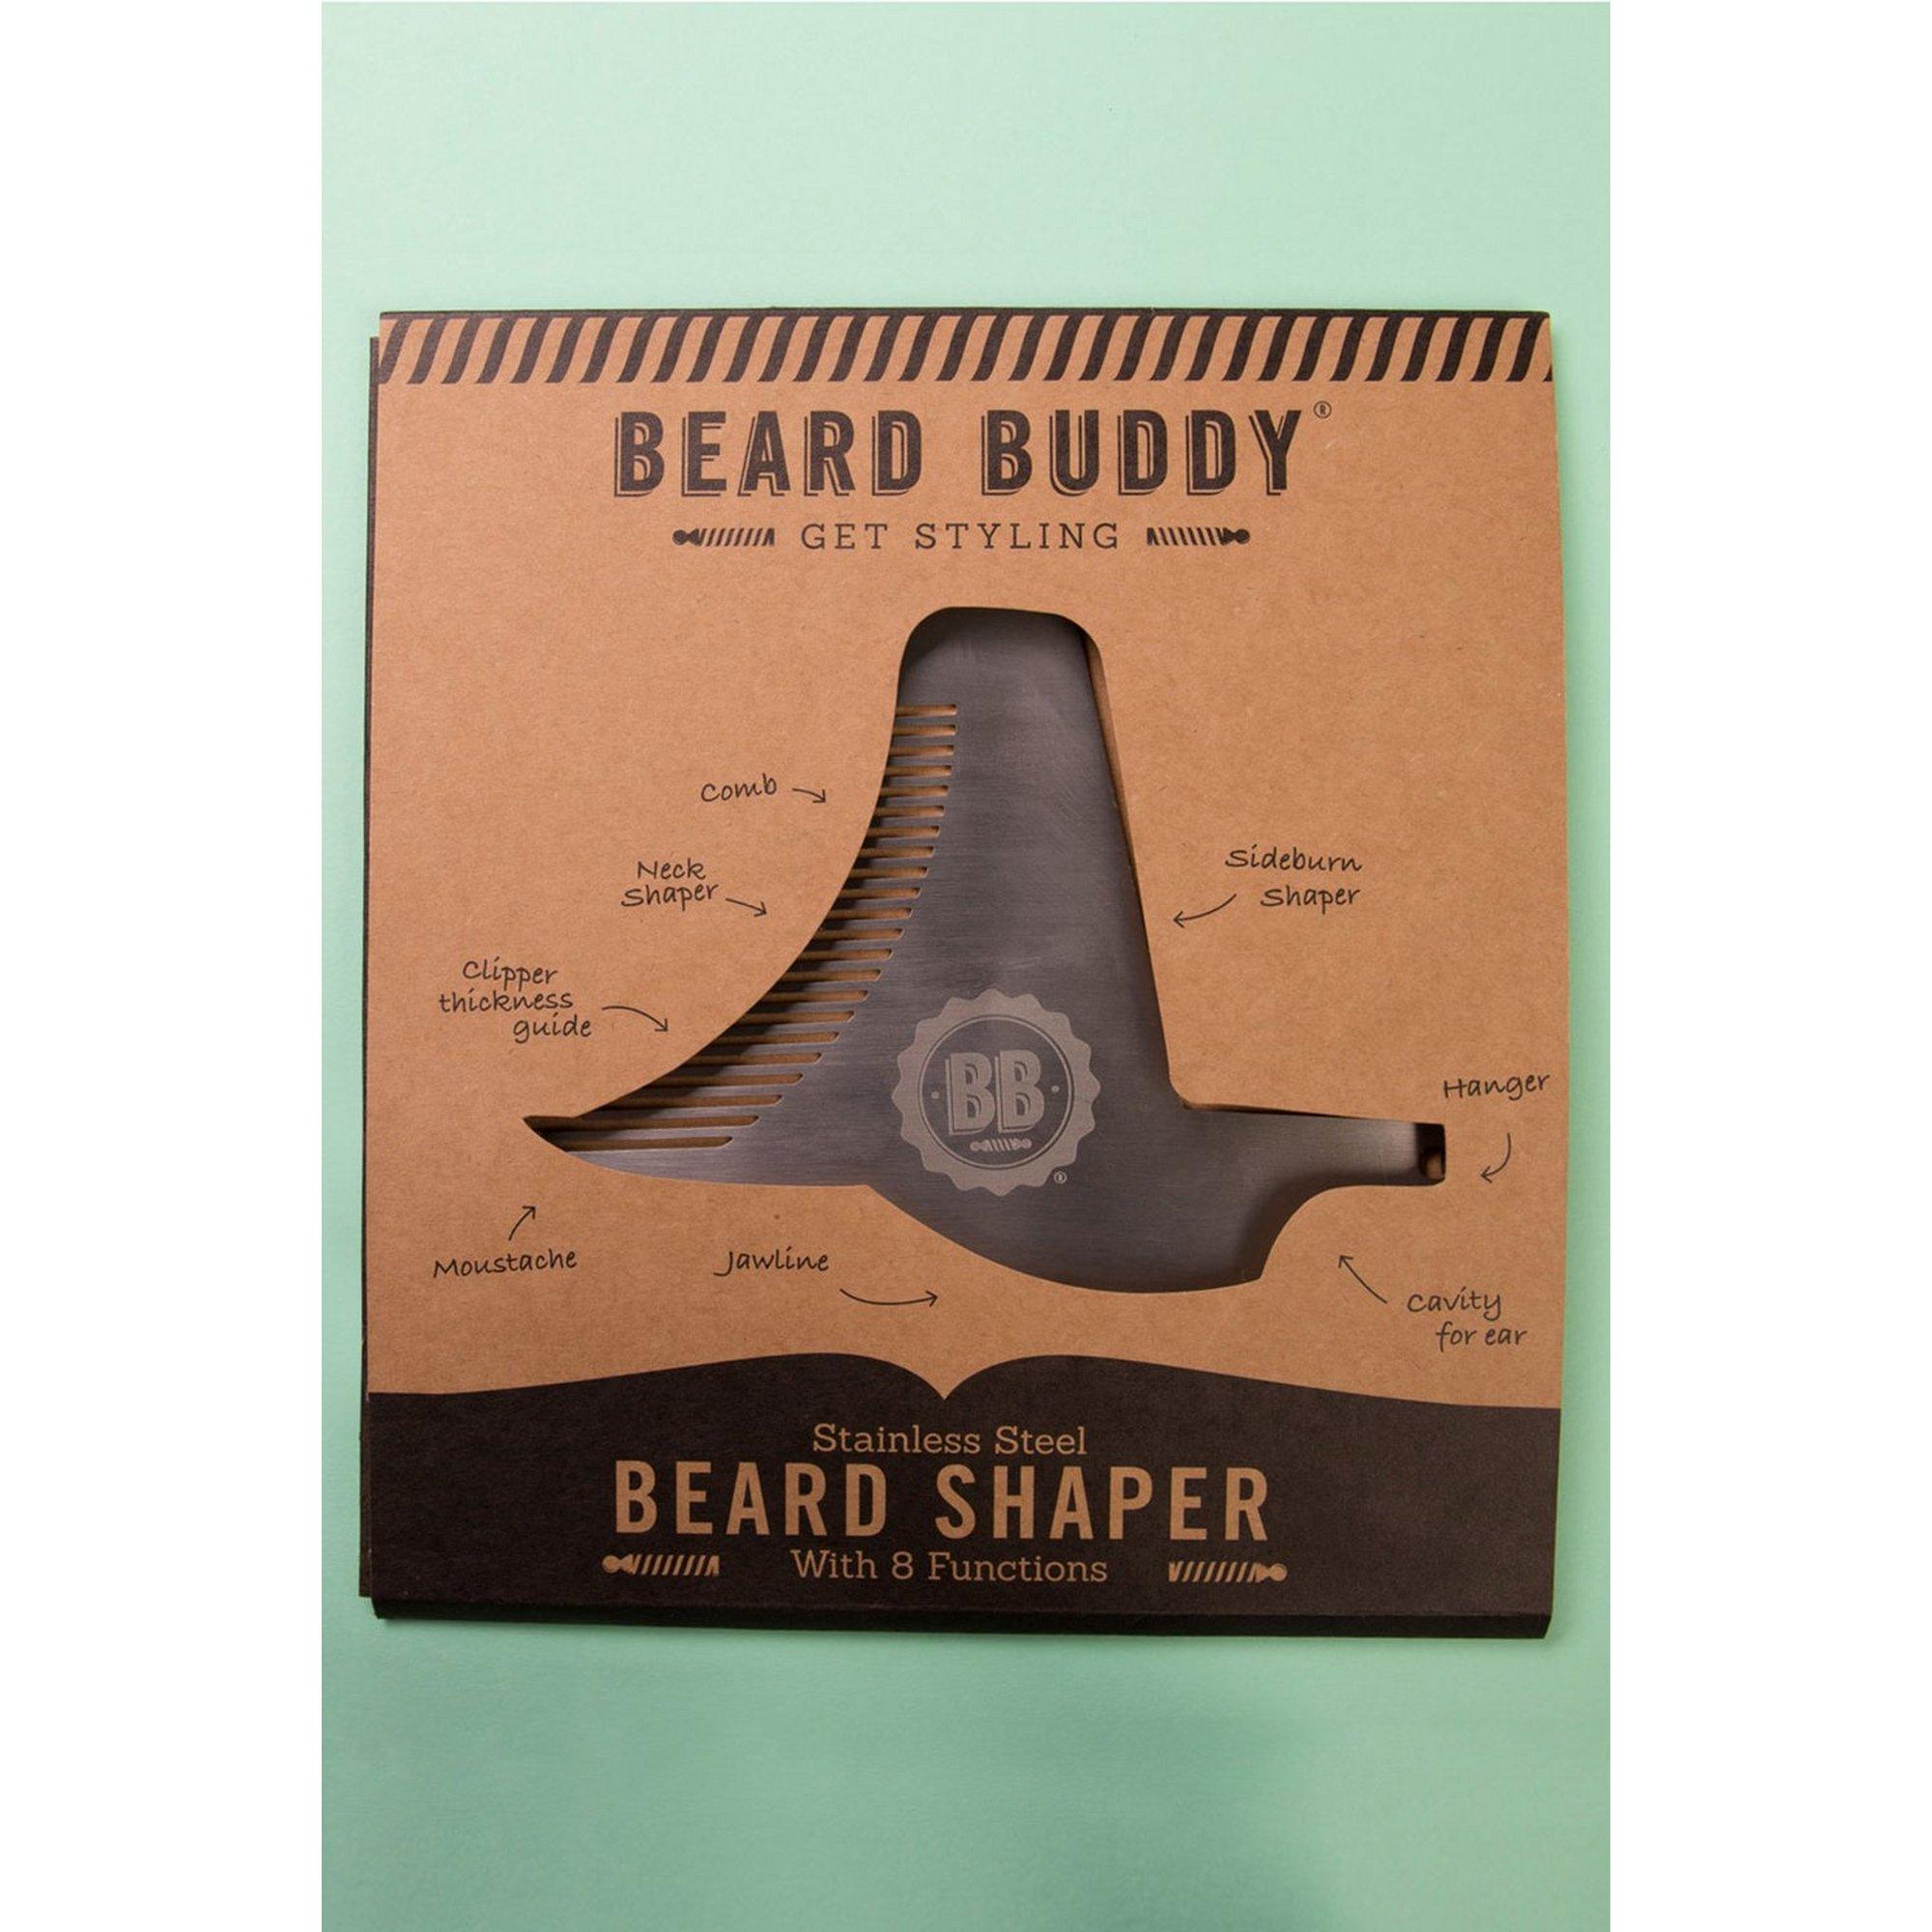 Image of Beard Buddy Metal Grooming Tool